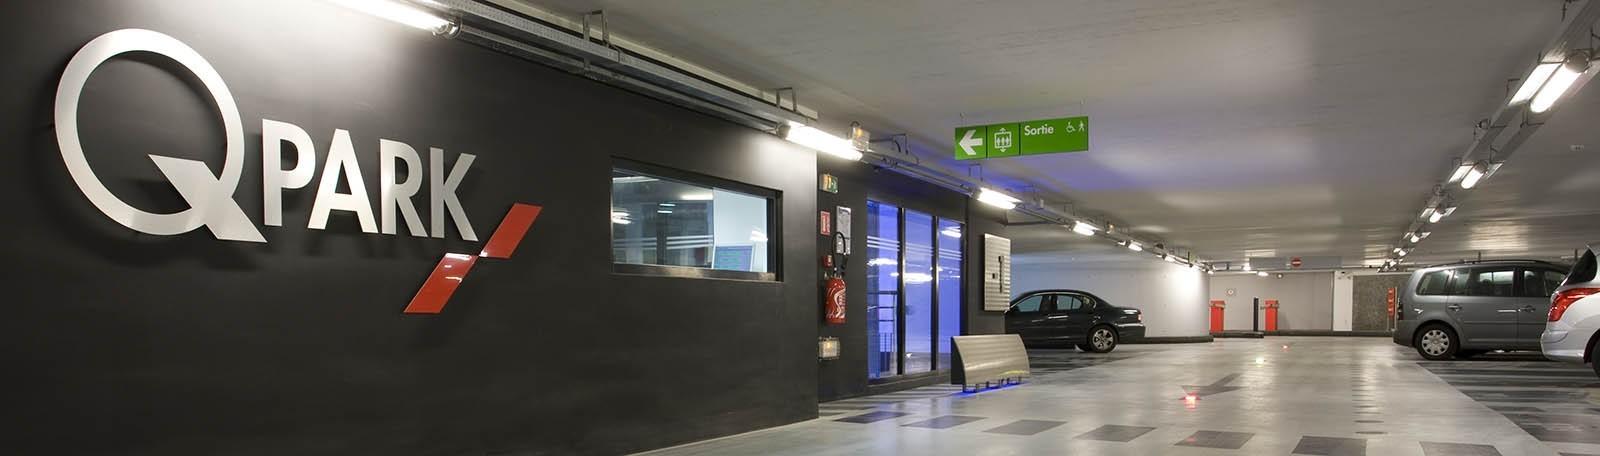 Réservation parking Université Saint-Denis